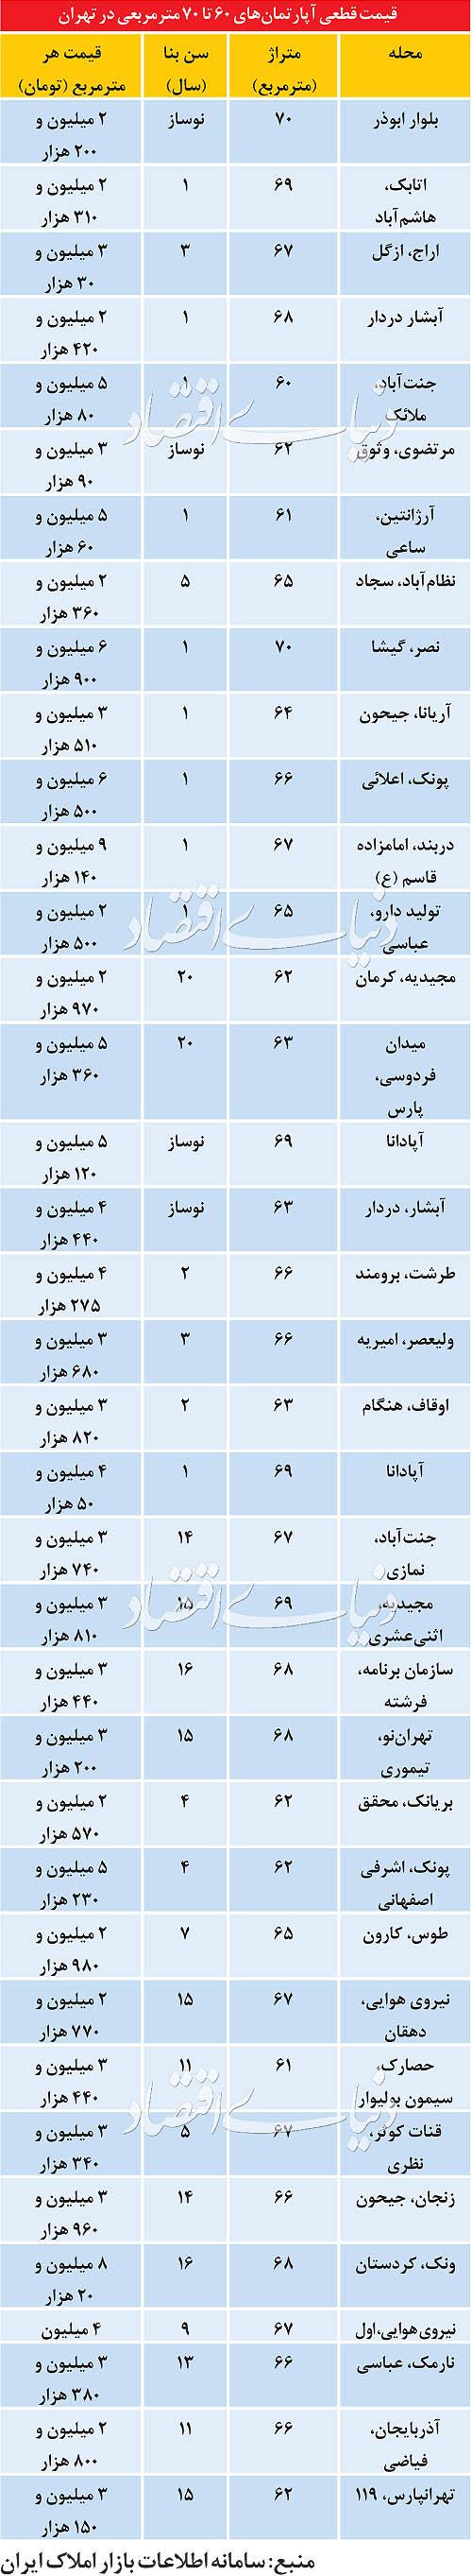 قیمت آپارتمان های 60 تا 70 متری در تهران (جدول)